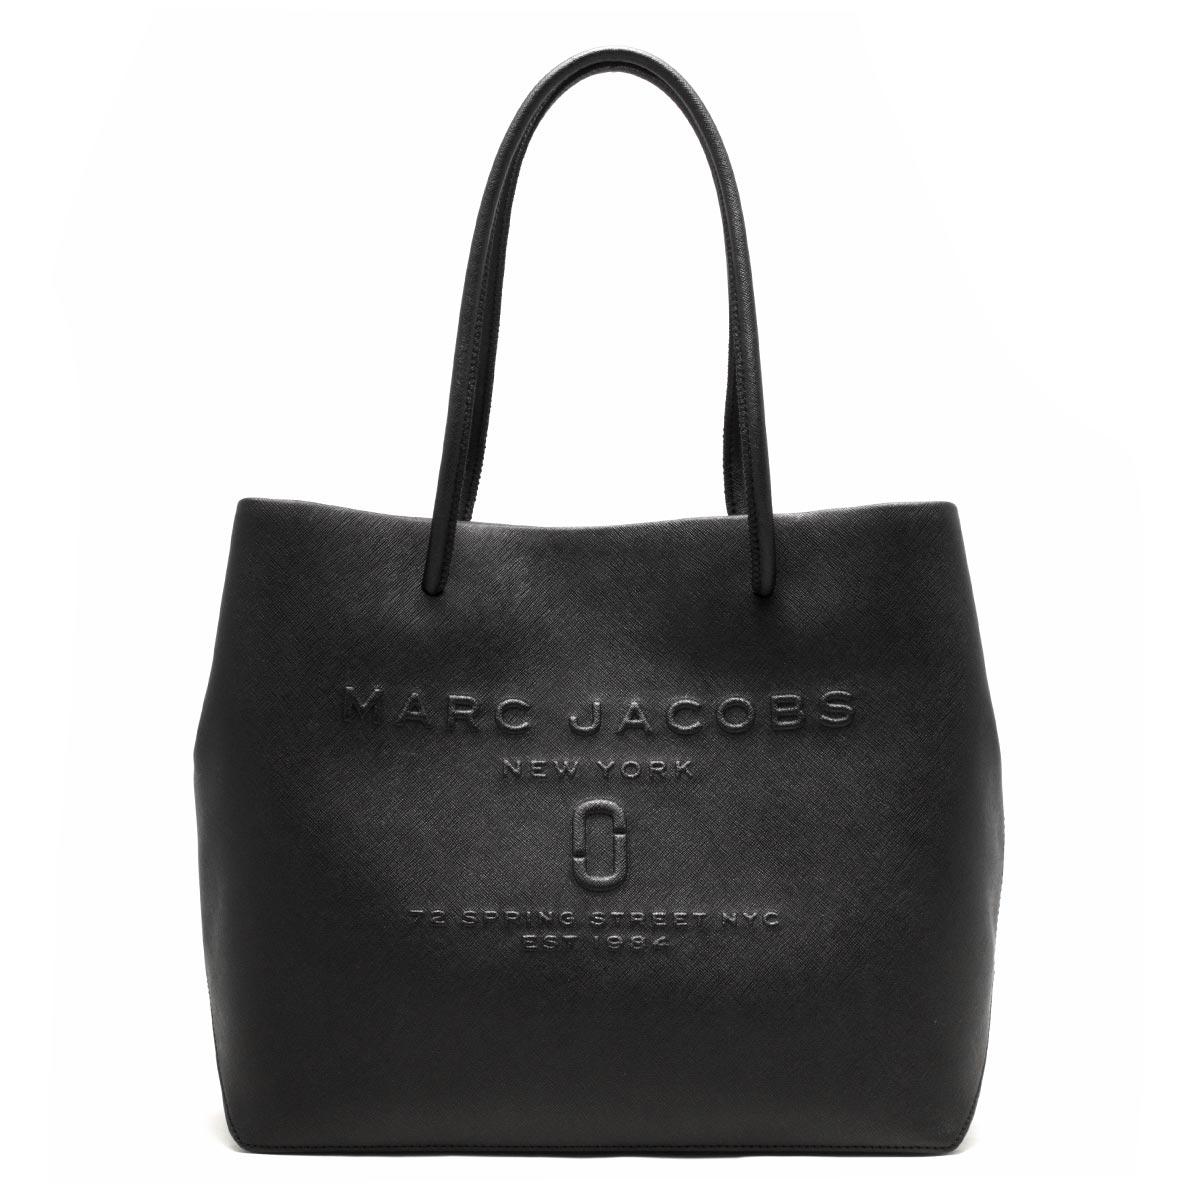 マークジェイコブス トートバッグ バッグ レディース ロゴ ショッパー ブラック M0011046 001 1SZ MARC JACOBS